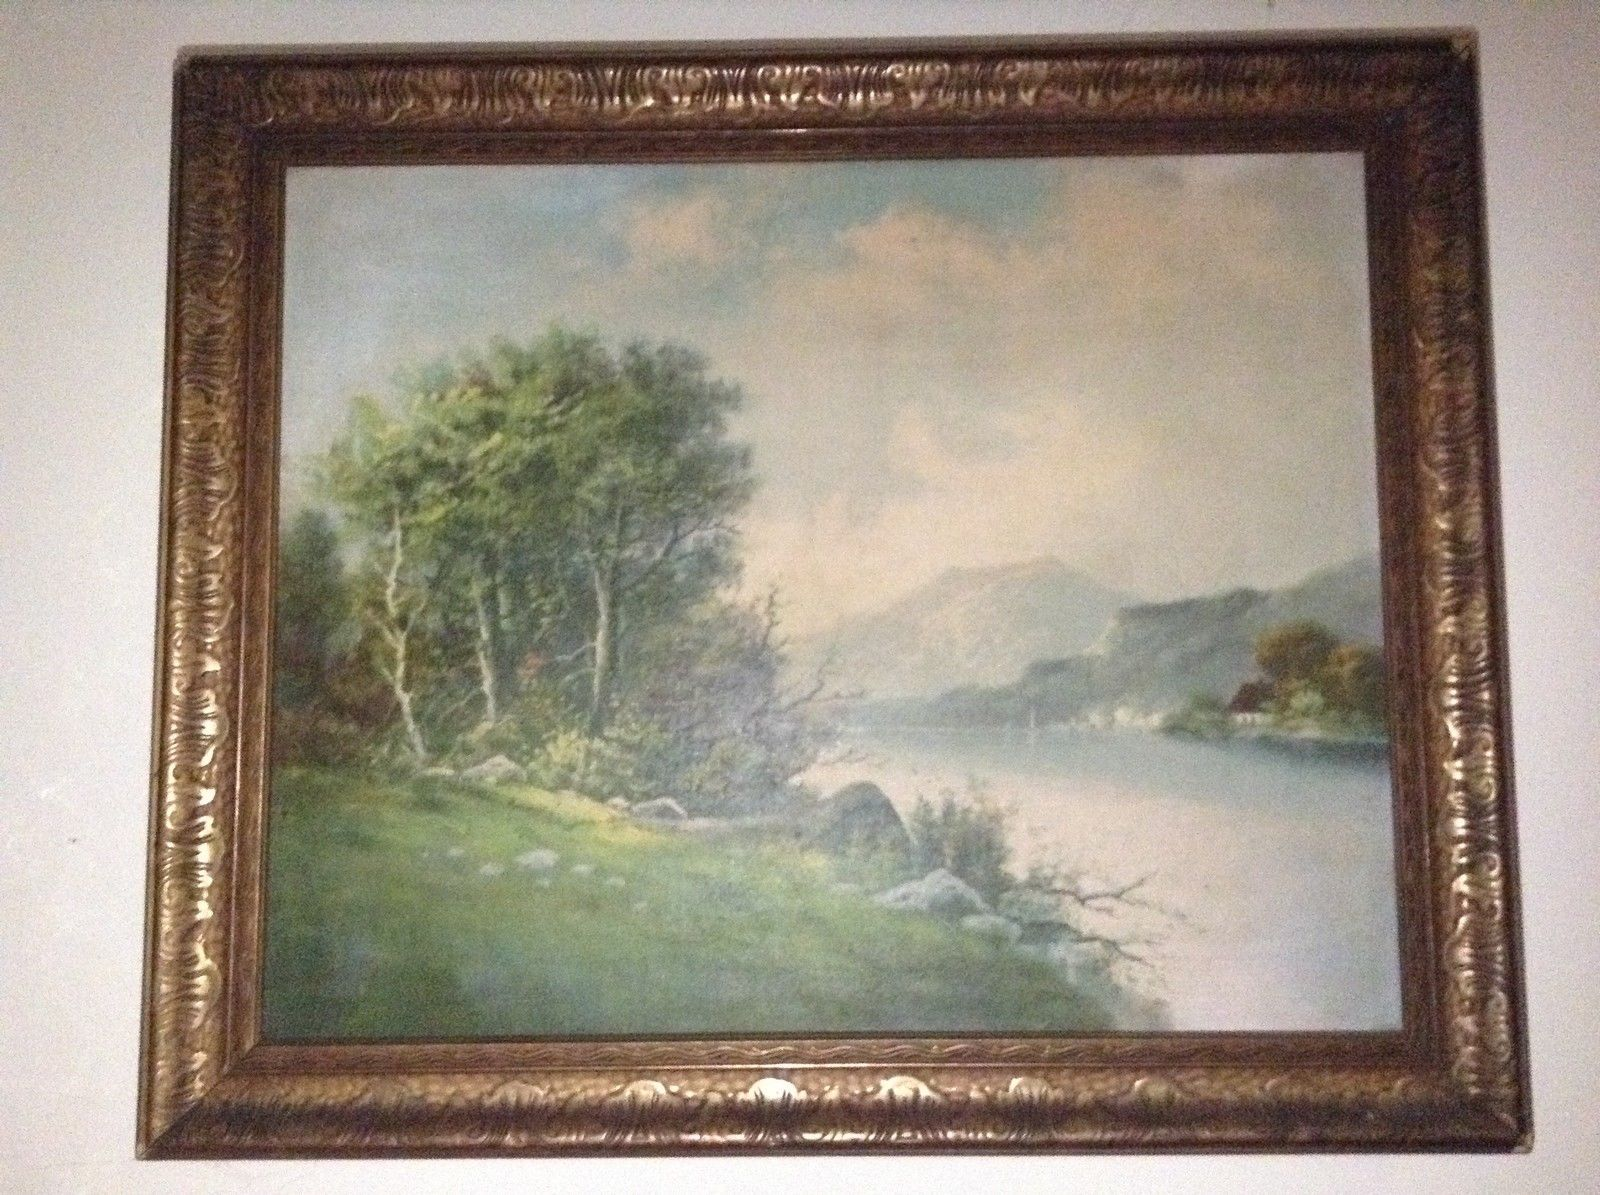 N E Hudson Valley Scene Framed Painting of the Hudson River